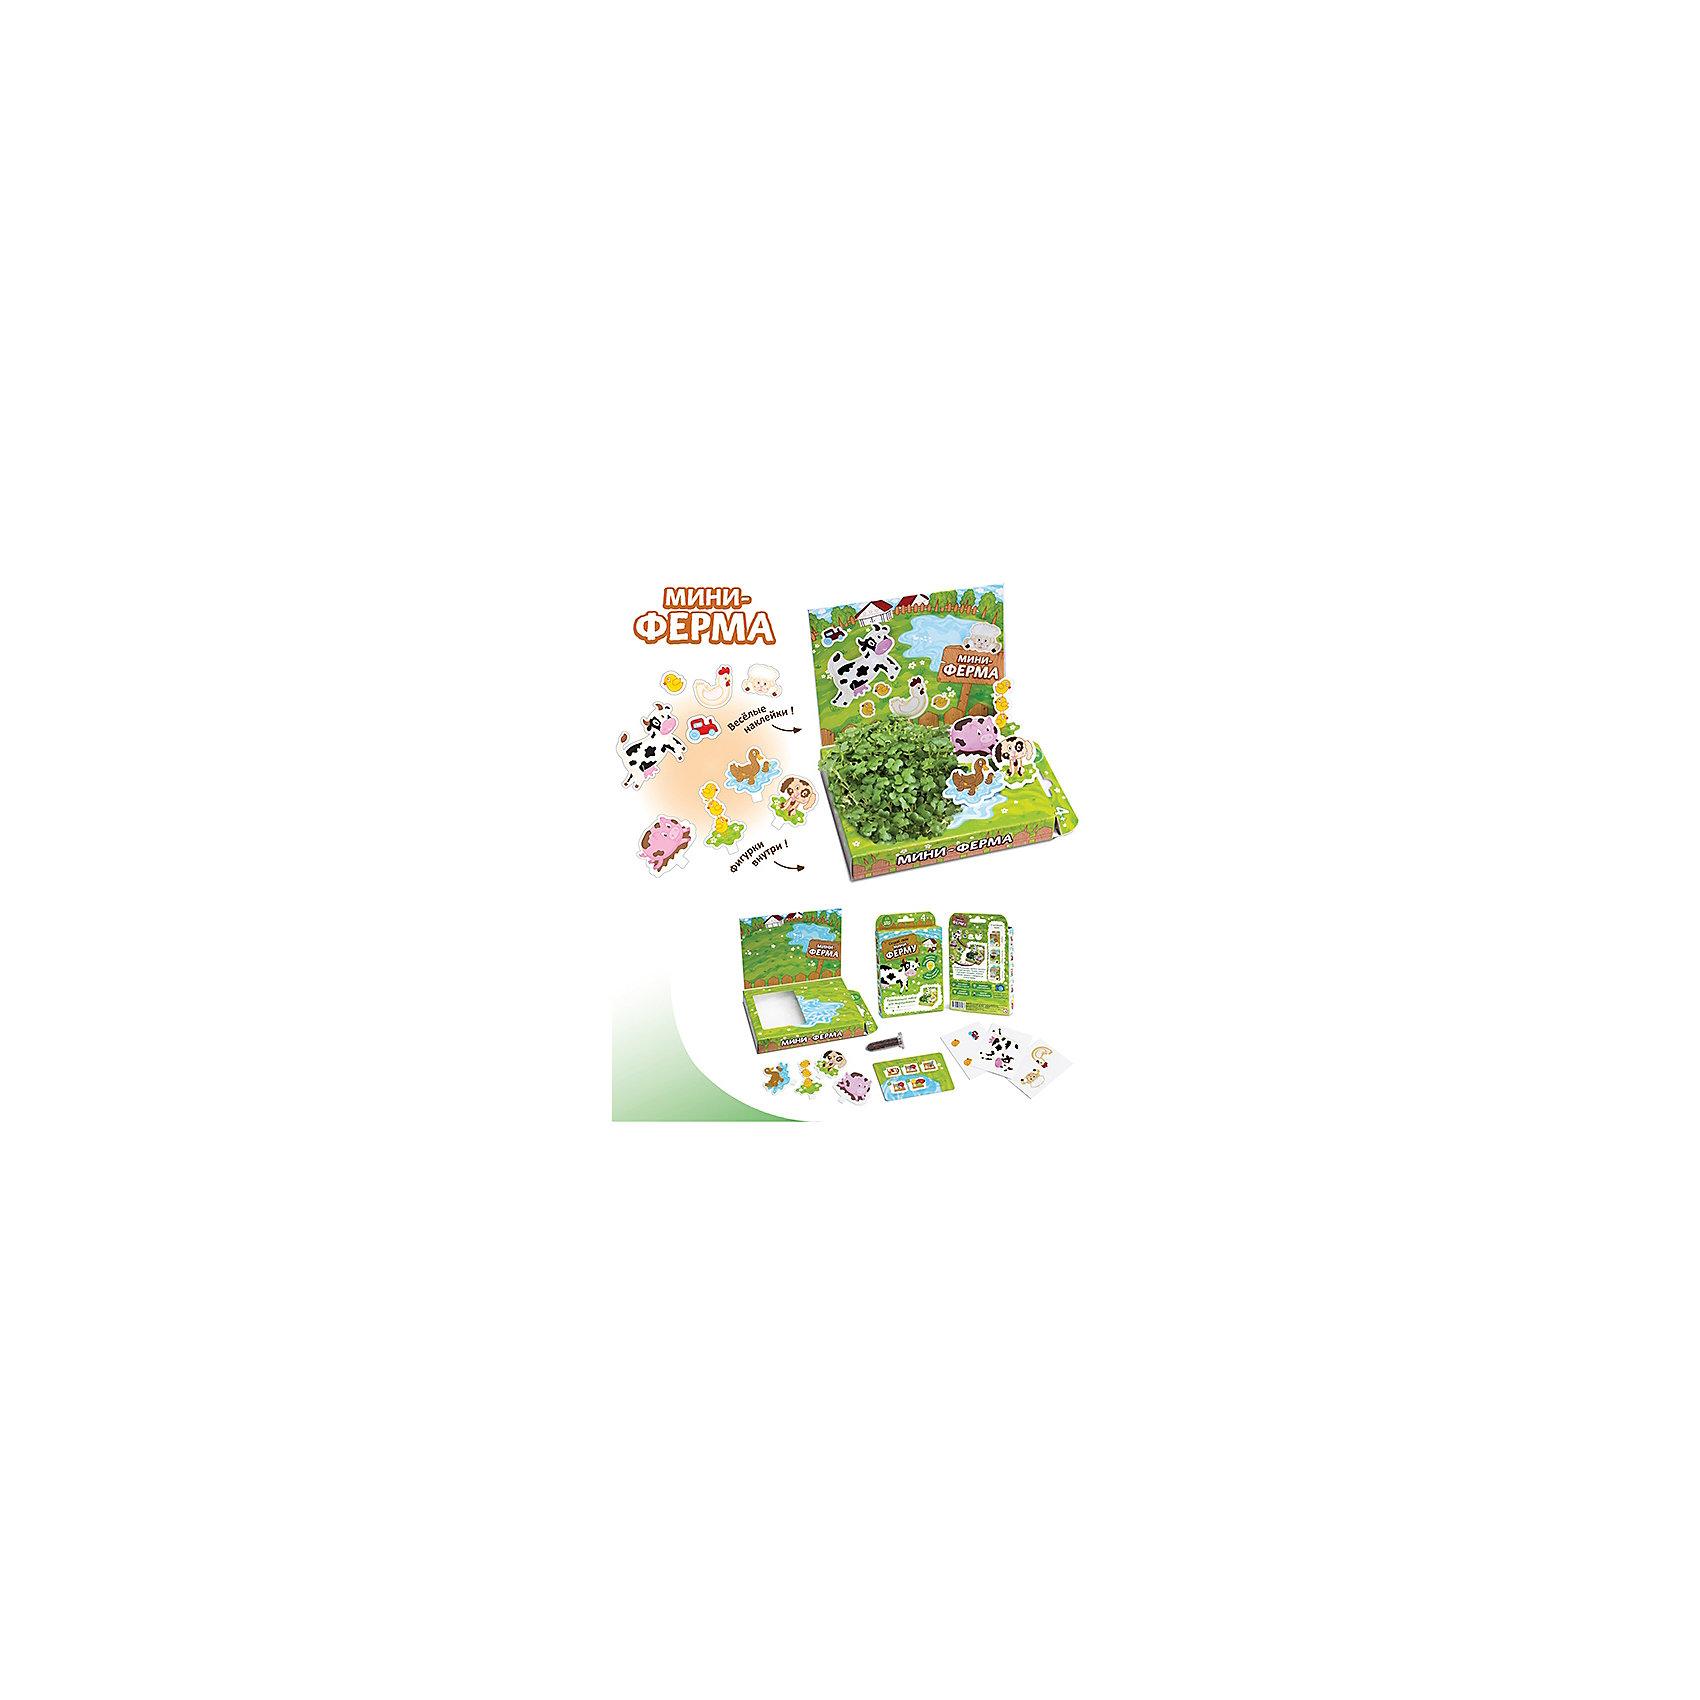 Набор для выращивания Мини-ферма Happy PlantНаборы для выращивания растений<br>Детский развивающий набор для выращивания Мини-ферма, Happy Plant.<br><br>Характеристики:<br><br>• возможность вырастить настоящую травку, не выходя из дома<br>• прост в использовании<br>• подходит в качестве подарка<br>• безопасные материалы<br>• гарантия качества<br>• в комплекте: наклейки, 3 фигурки, семена, контейнер для растений, агроткань<br>• размер упаковки: 15х11х2,5 см<br>• вес: 30 грамм<br><br>Набор Мини-ферма познакомит ребенка с домашними животными и научит его самостоятельно сажать растения и ухаживать за ними. Семена будут прорастать на агроткани и уже через 3-4 дня вы сможете увидеть первые ростки. Еще через несколько дней контейнер преобразится в настоящий сад, за которым нужно ухаживать. Отличный подарок для любознательных детей!<br><br>Детский развивающий набор для выращивания Мини-ферма, Happy Plant вы можете приобрести в нашем интернет-магазине.<br><br>Ширина мм: 175<br>Глубина мм: 115<br>Высота мм: 25<br>Вес г: 30<br>Возраст от месяцев: 168<br>Возраст до месяцев: 240<br>Пол: Унисекс<br>Возраст: Детский<br>SKU: 5053967